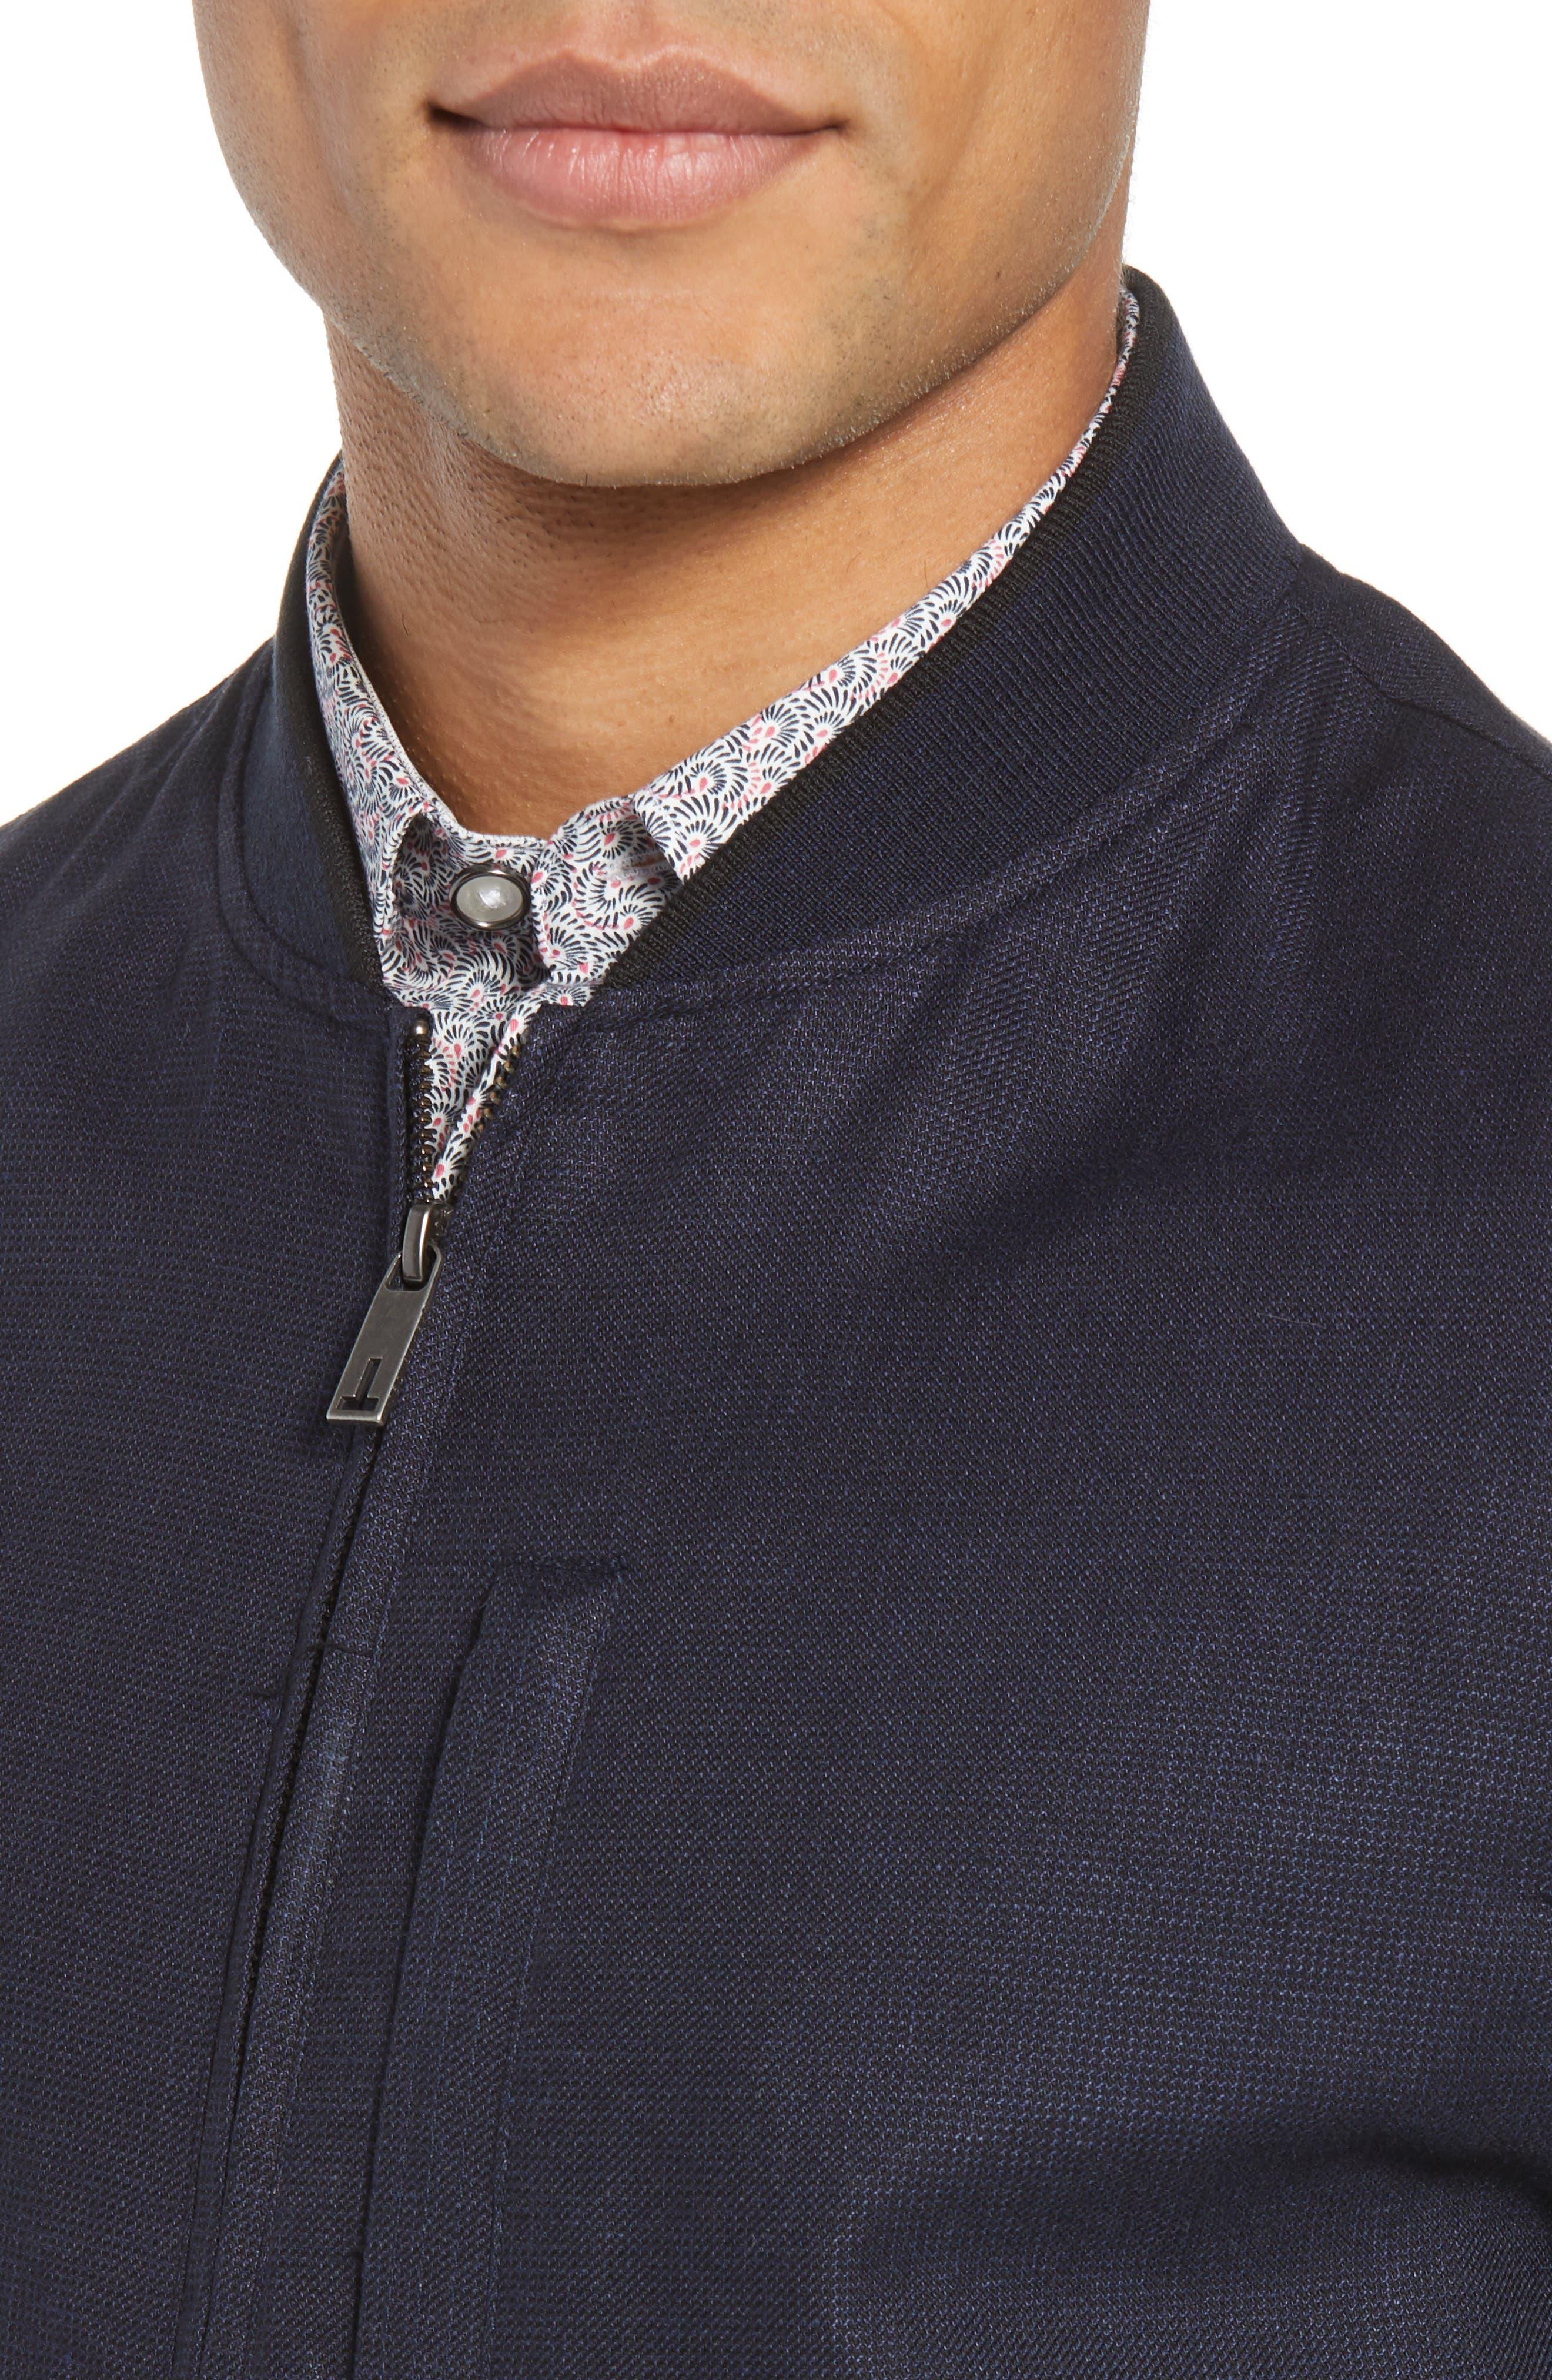 Raney Trim Fit Linen & Cotton Jacket,                             Alternate thumbnail 4, color,                             410